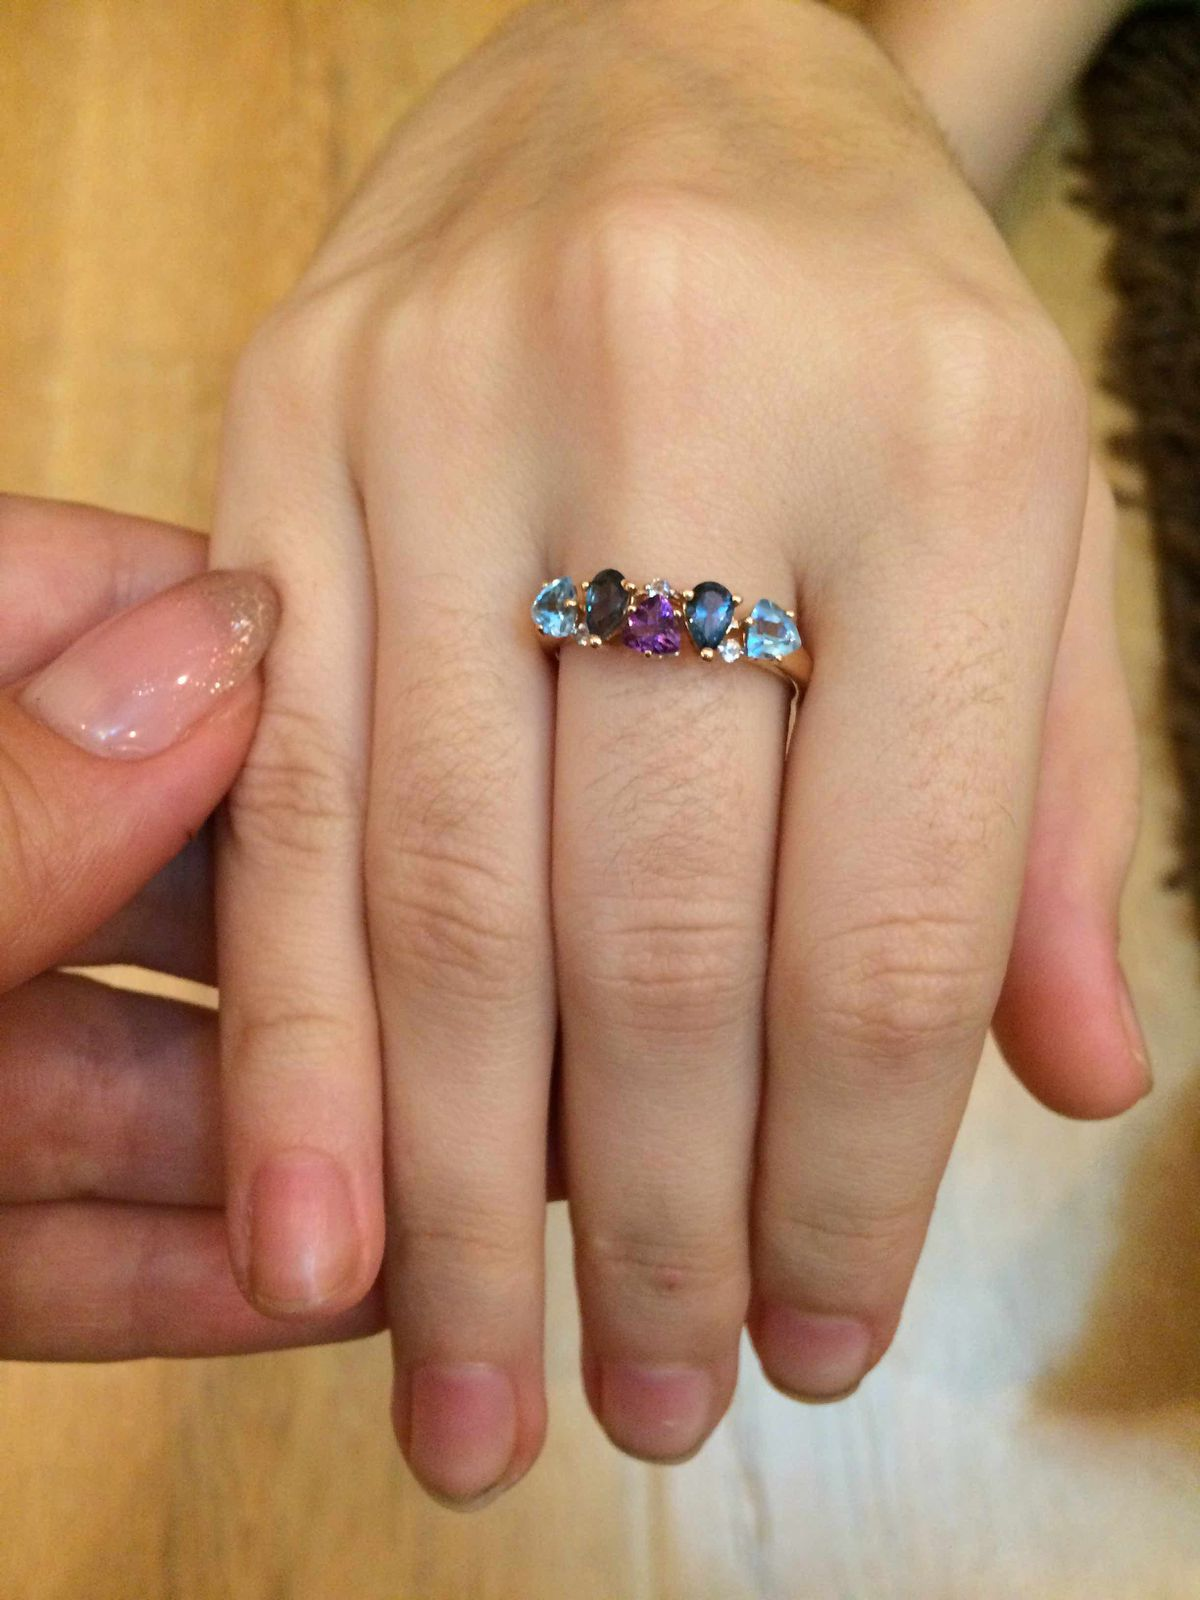 Безумно красивое кольцо , очень понравилось